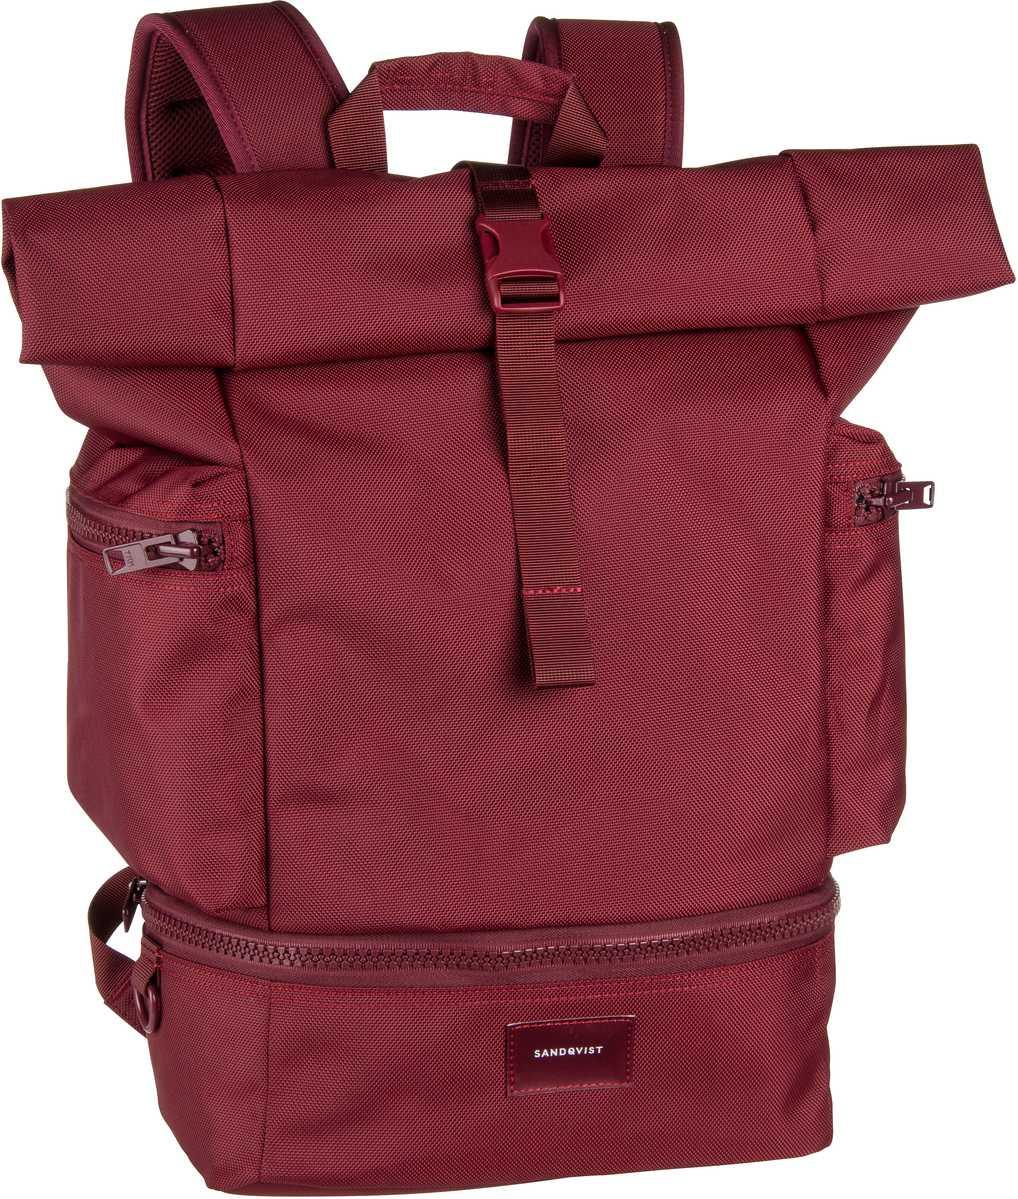 Laptoprucksack Verner Rolltop Backpack Burgundy (20 Liter)